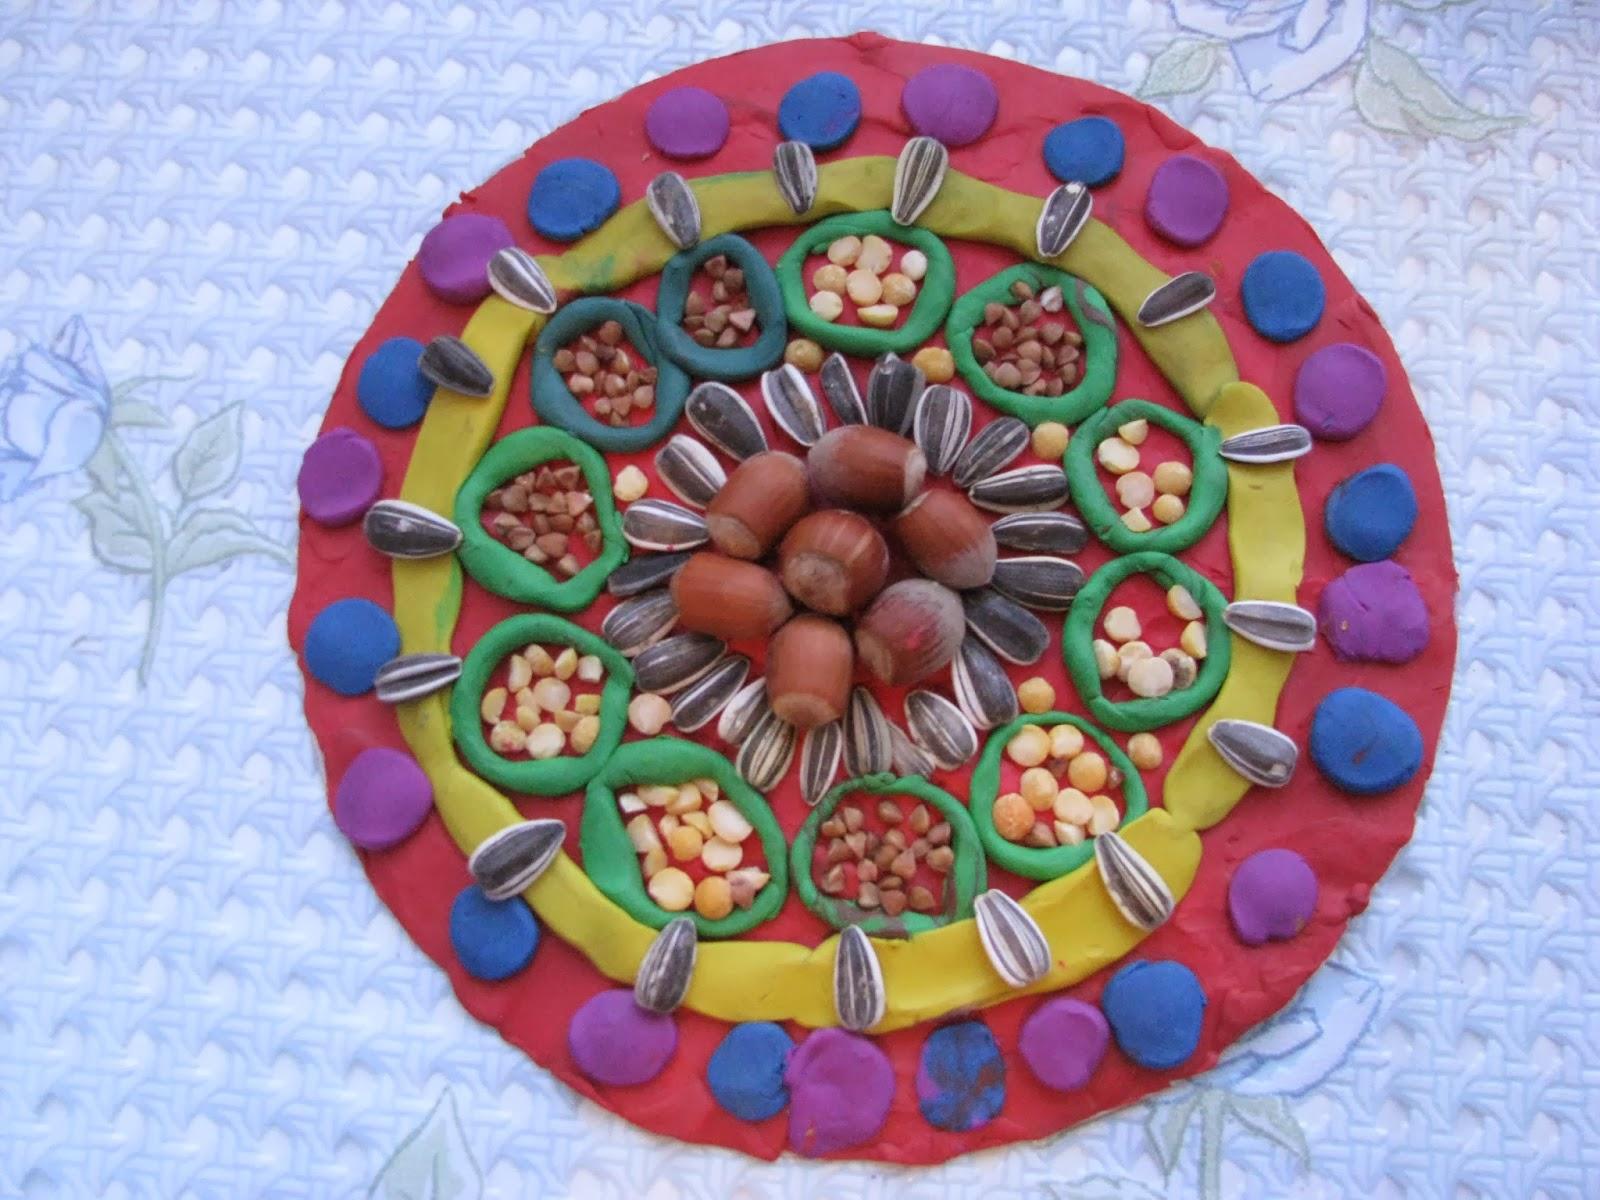 Базовые формы из пластилина: шар, диск, жгут, цилиндр 36